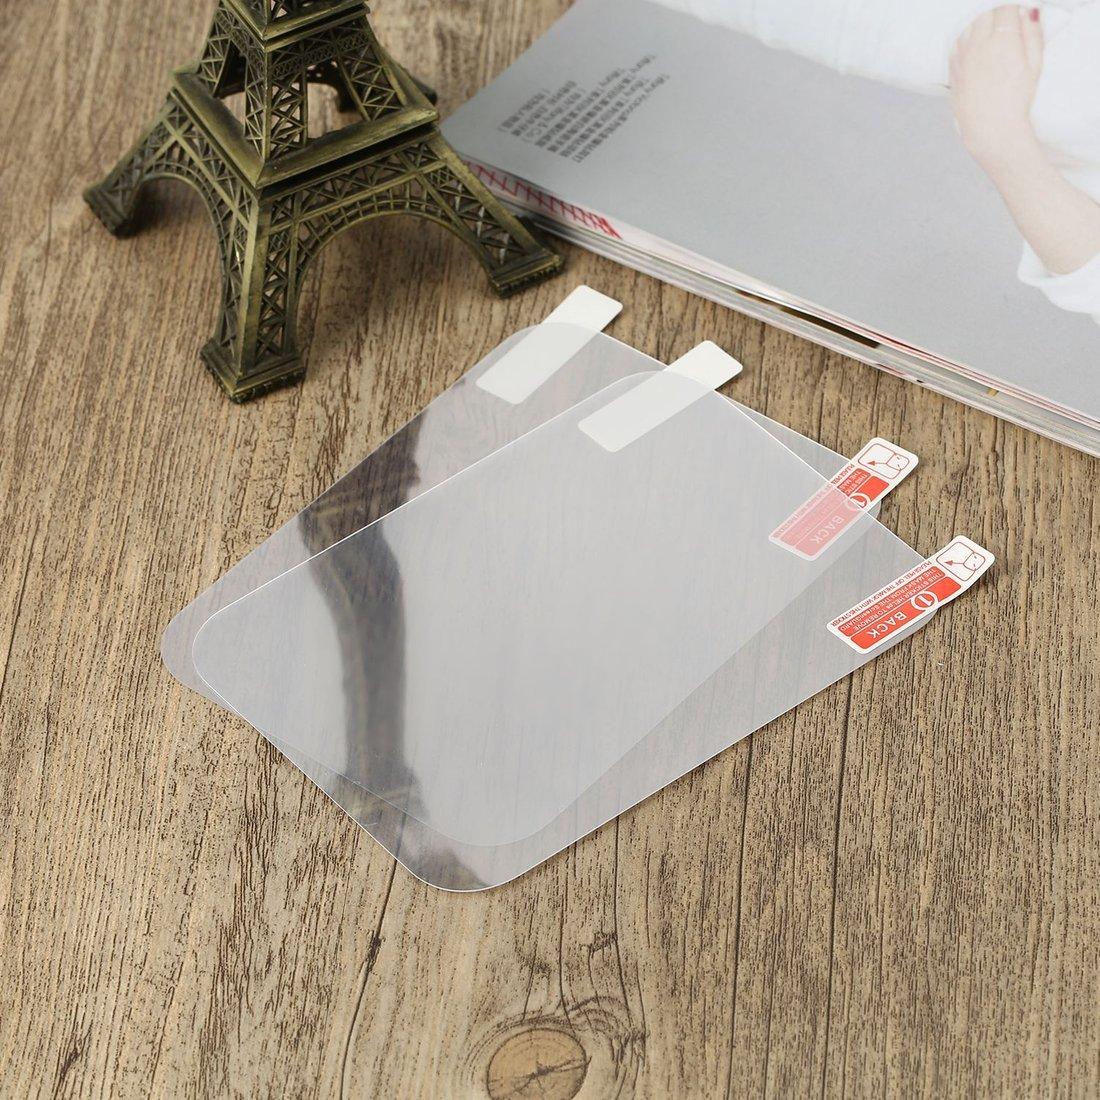 2 Pcs Affichage tê te-haute Films exclusifs Film ré flé chissant Outils de navigation GPS (Couleur: transparent) (Taille: 12 * 9cm) Dailyinshop